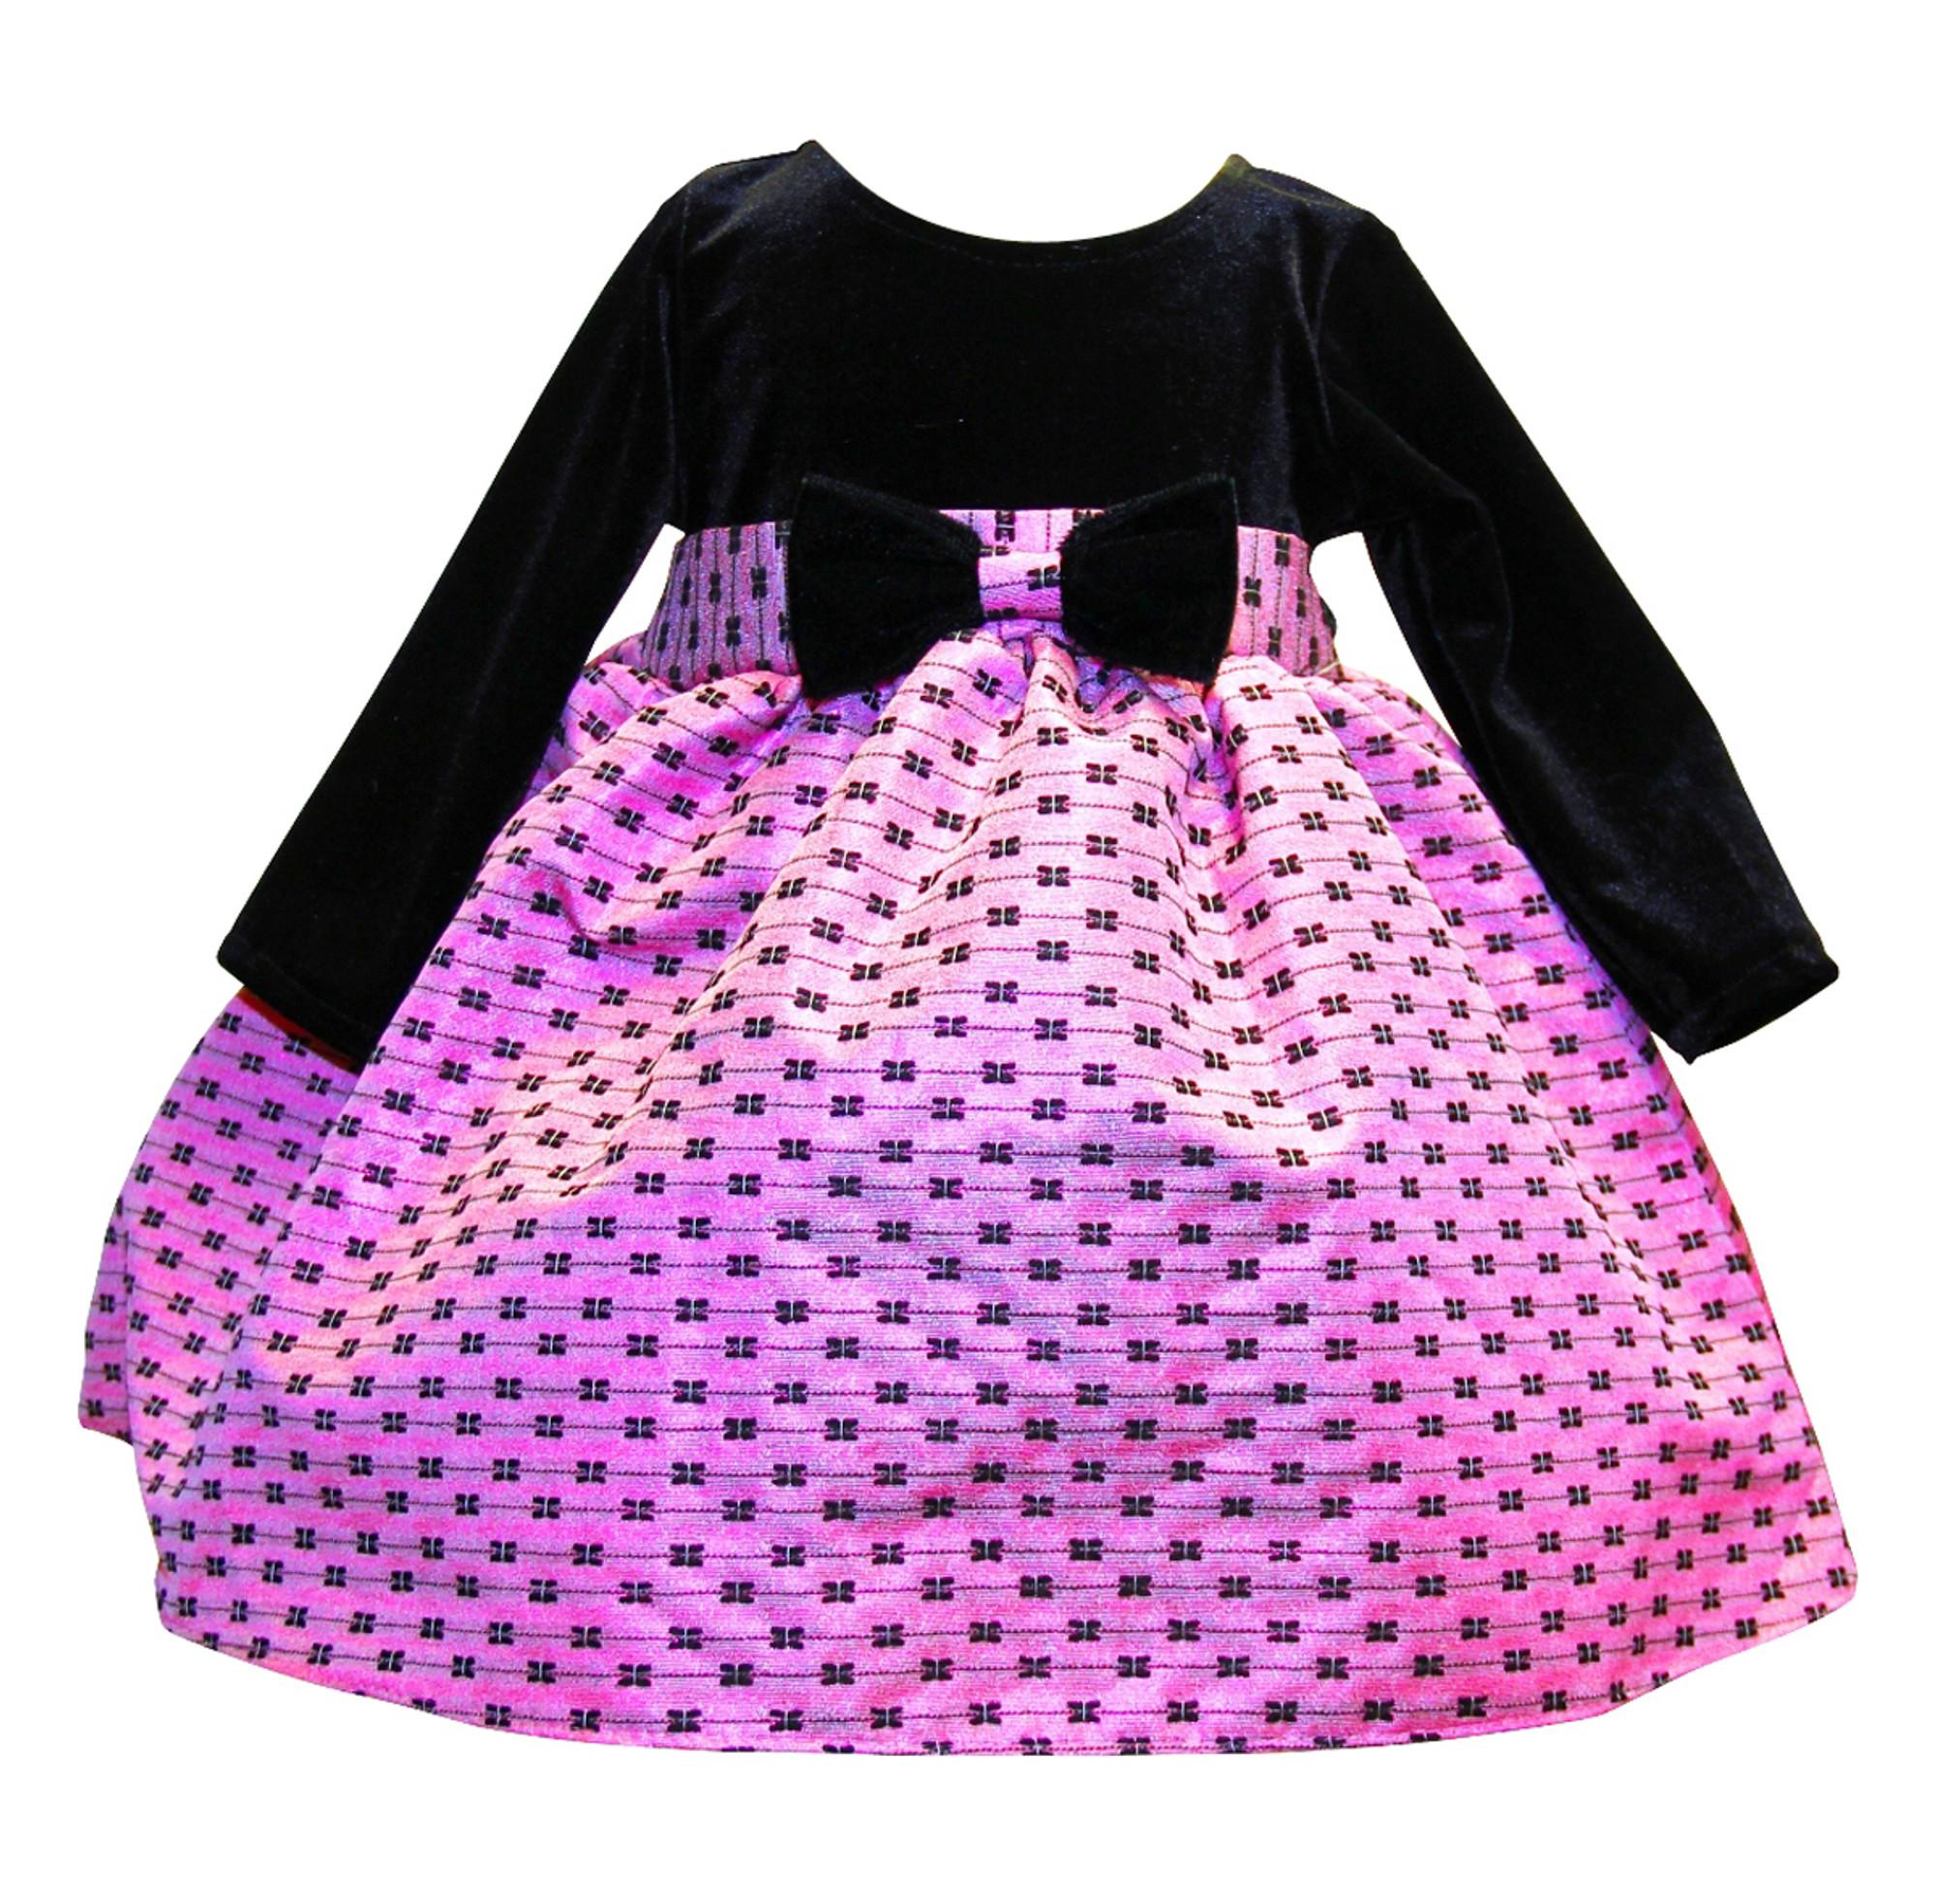 BIMARO Baby Mädchen Kleid Joelle Samtkleid Taufkleid rosa schwarz ...